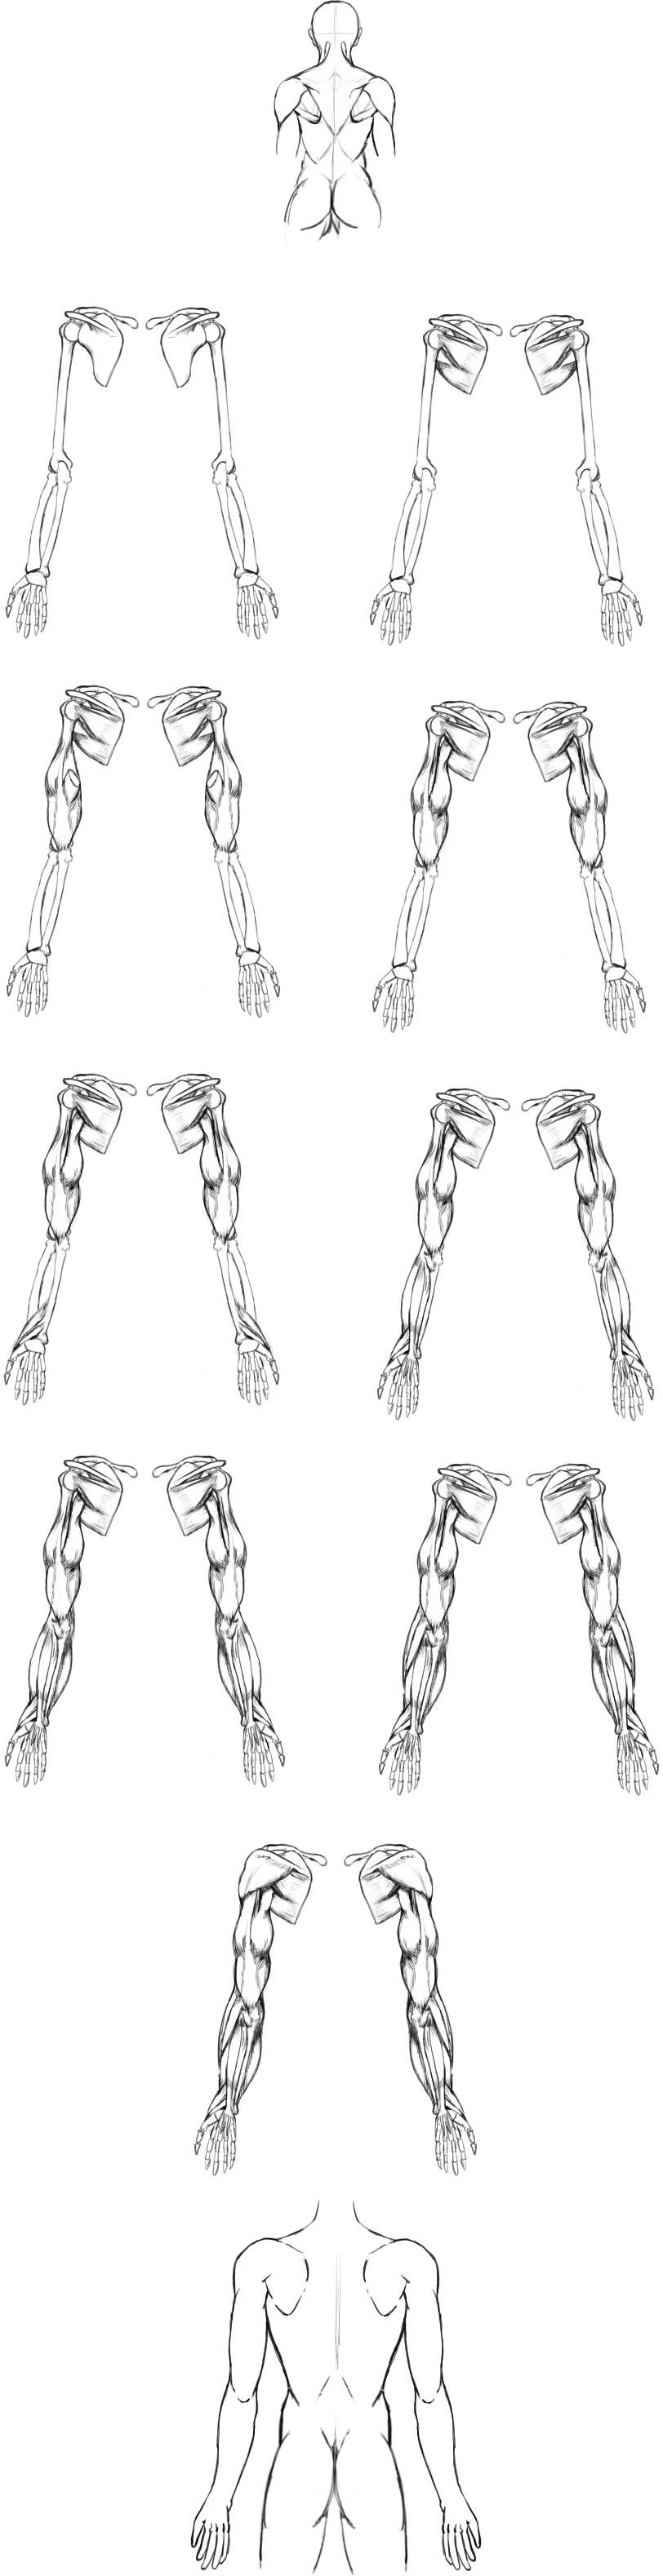 腕の筋肉説明11